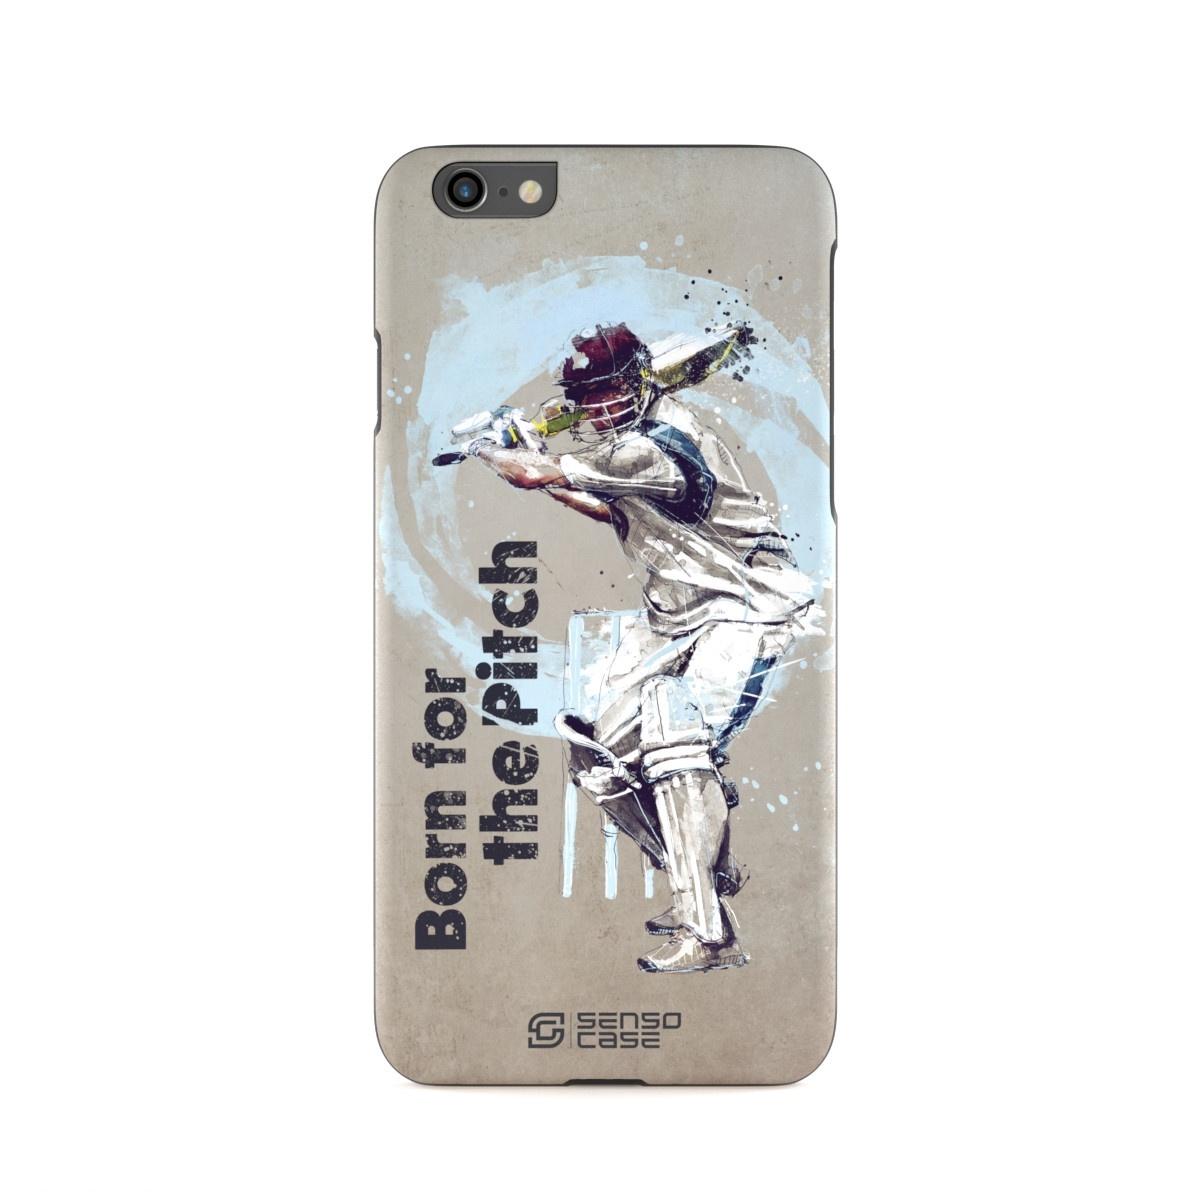 """Чехол для сотового телефона SensoCase iPhone 6/6s """"Крикет"""" , SC-IP6-cricket + защитное стекло в подарок, 100099"""